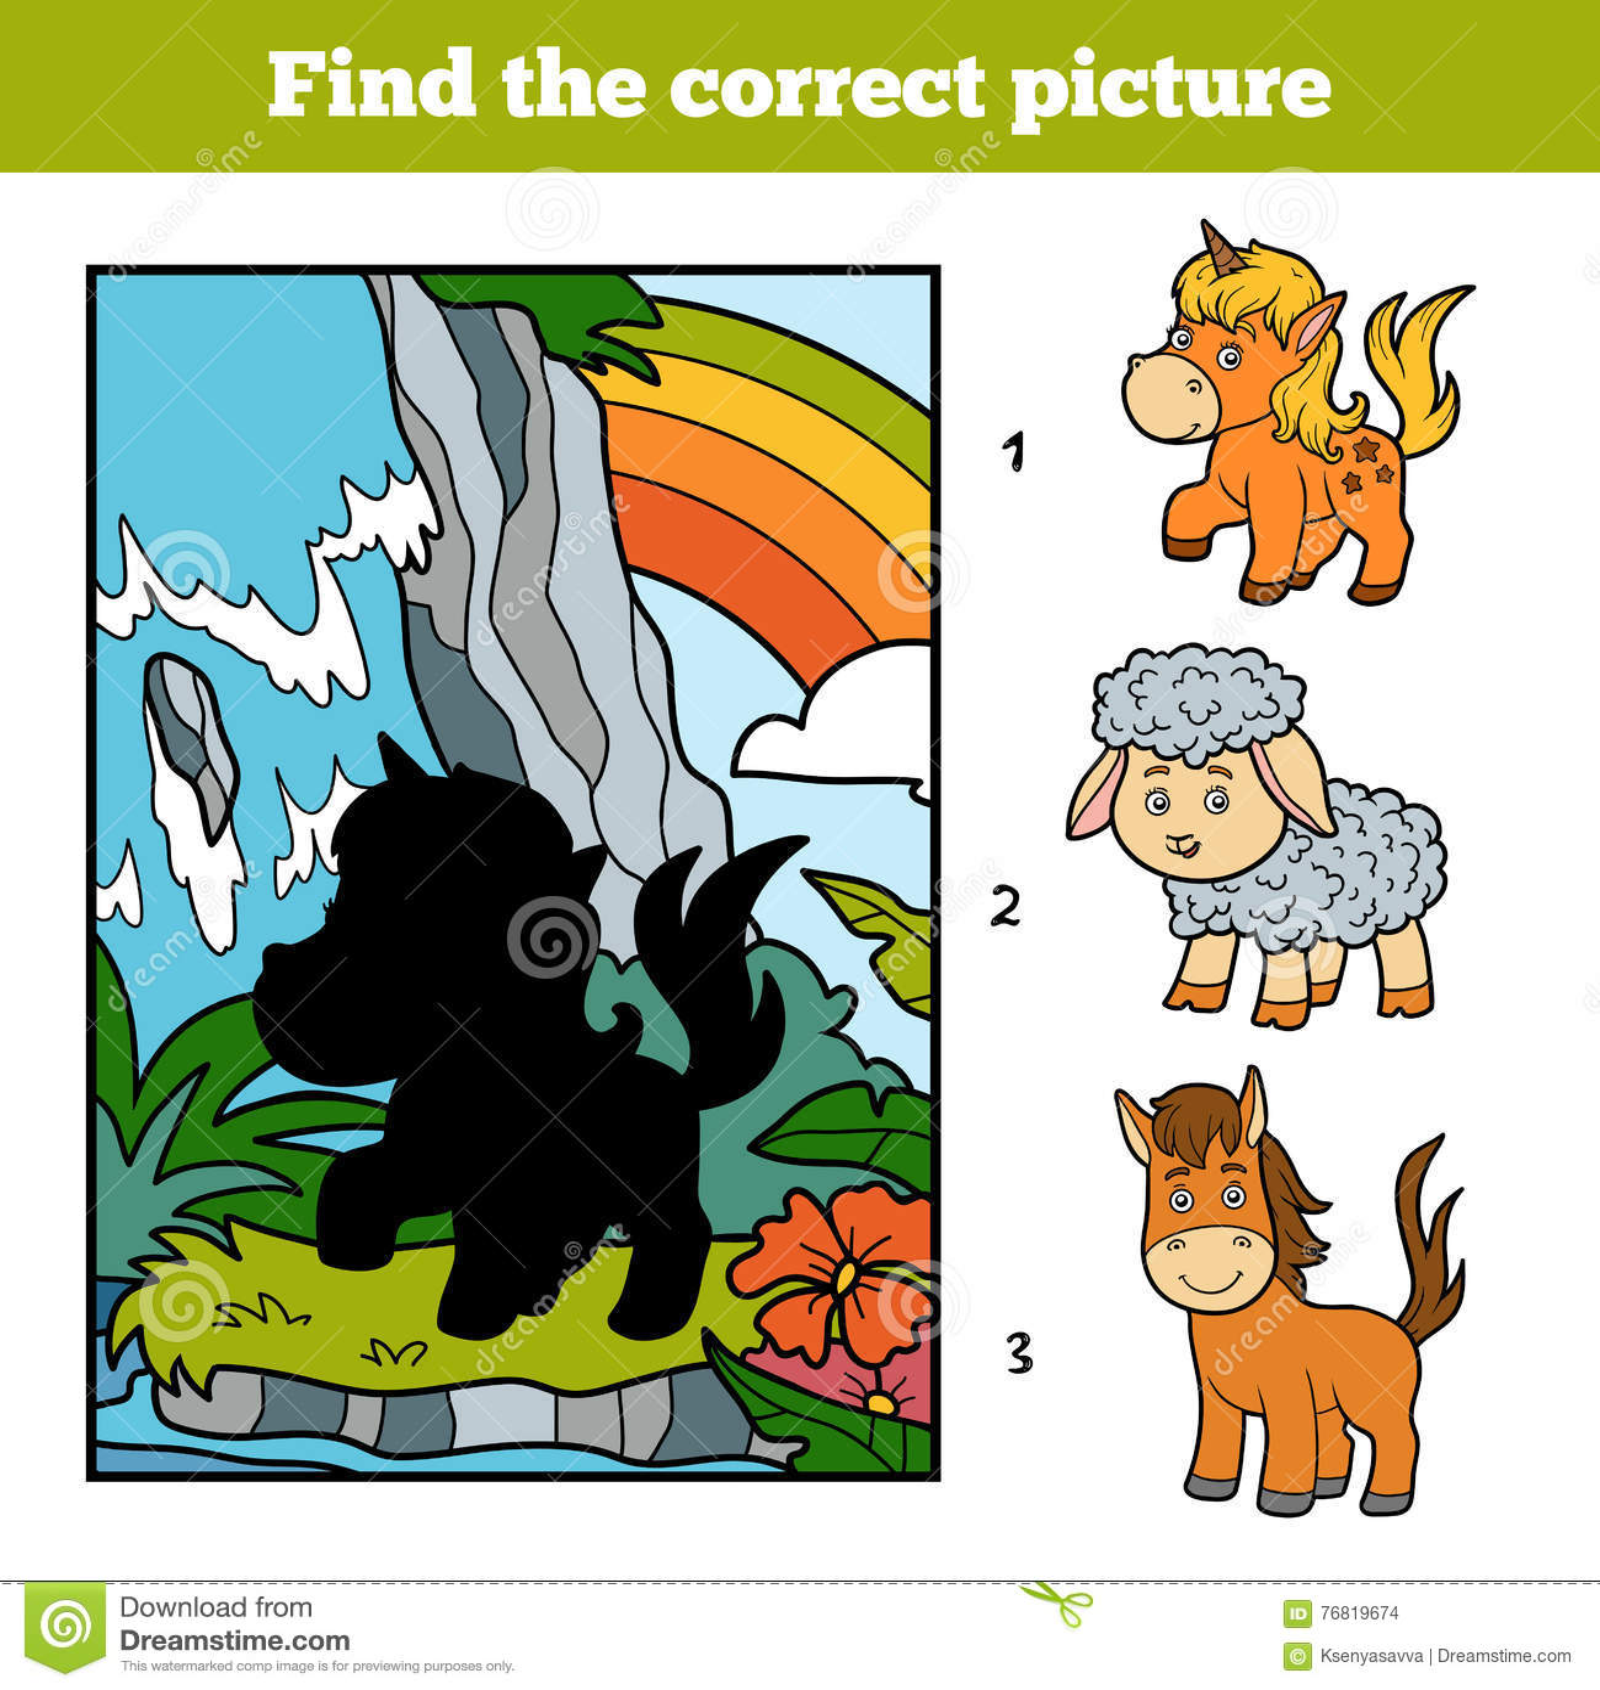 Vind het correcte beeld, de Feeeenhoorn en de regenboog